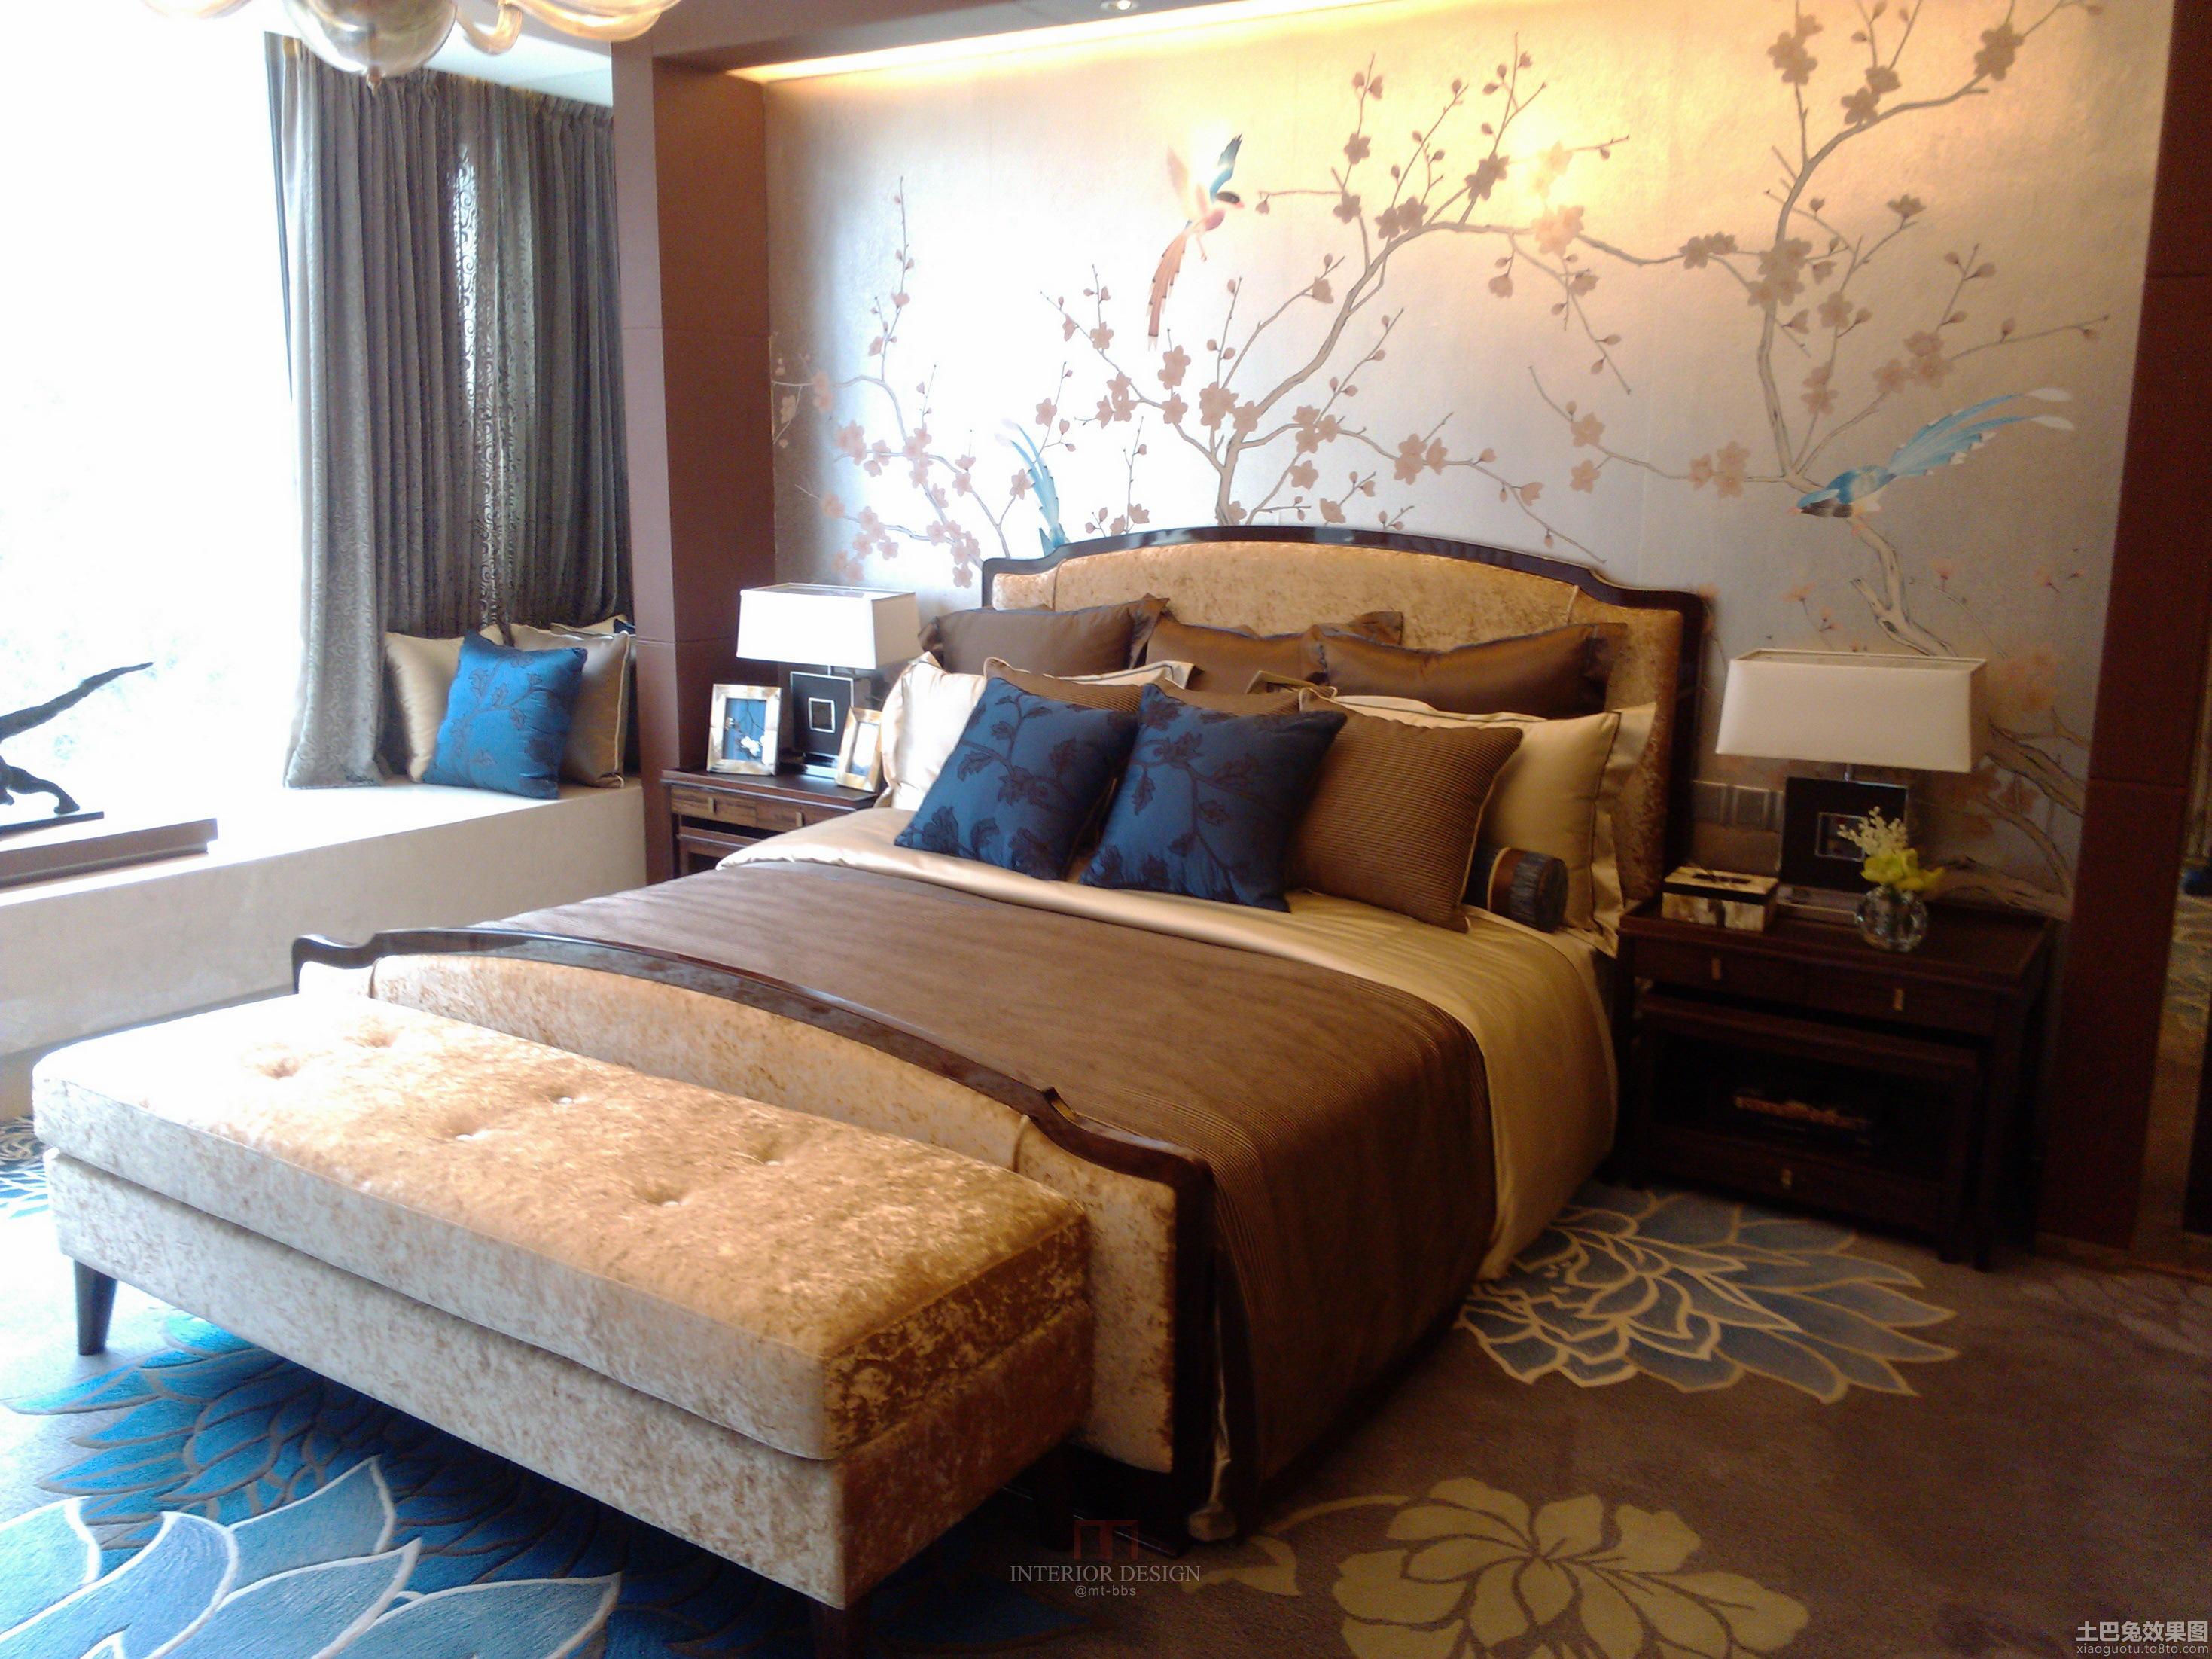 2014卧室床头背景墙装饰效果图